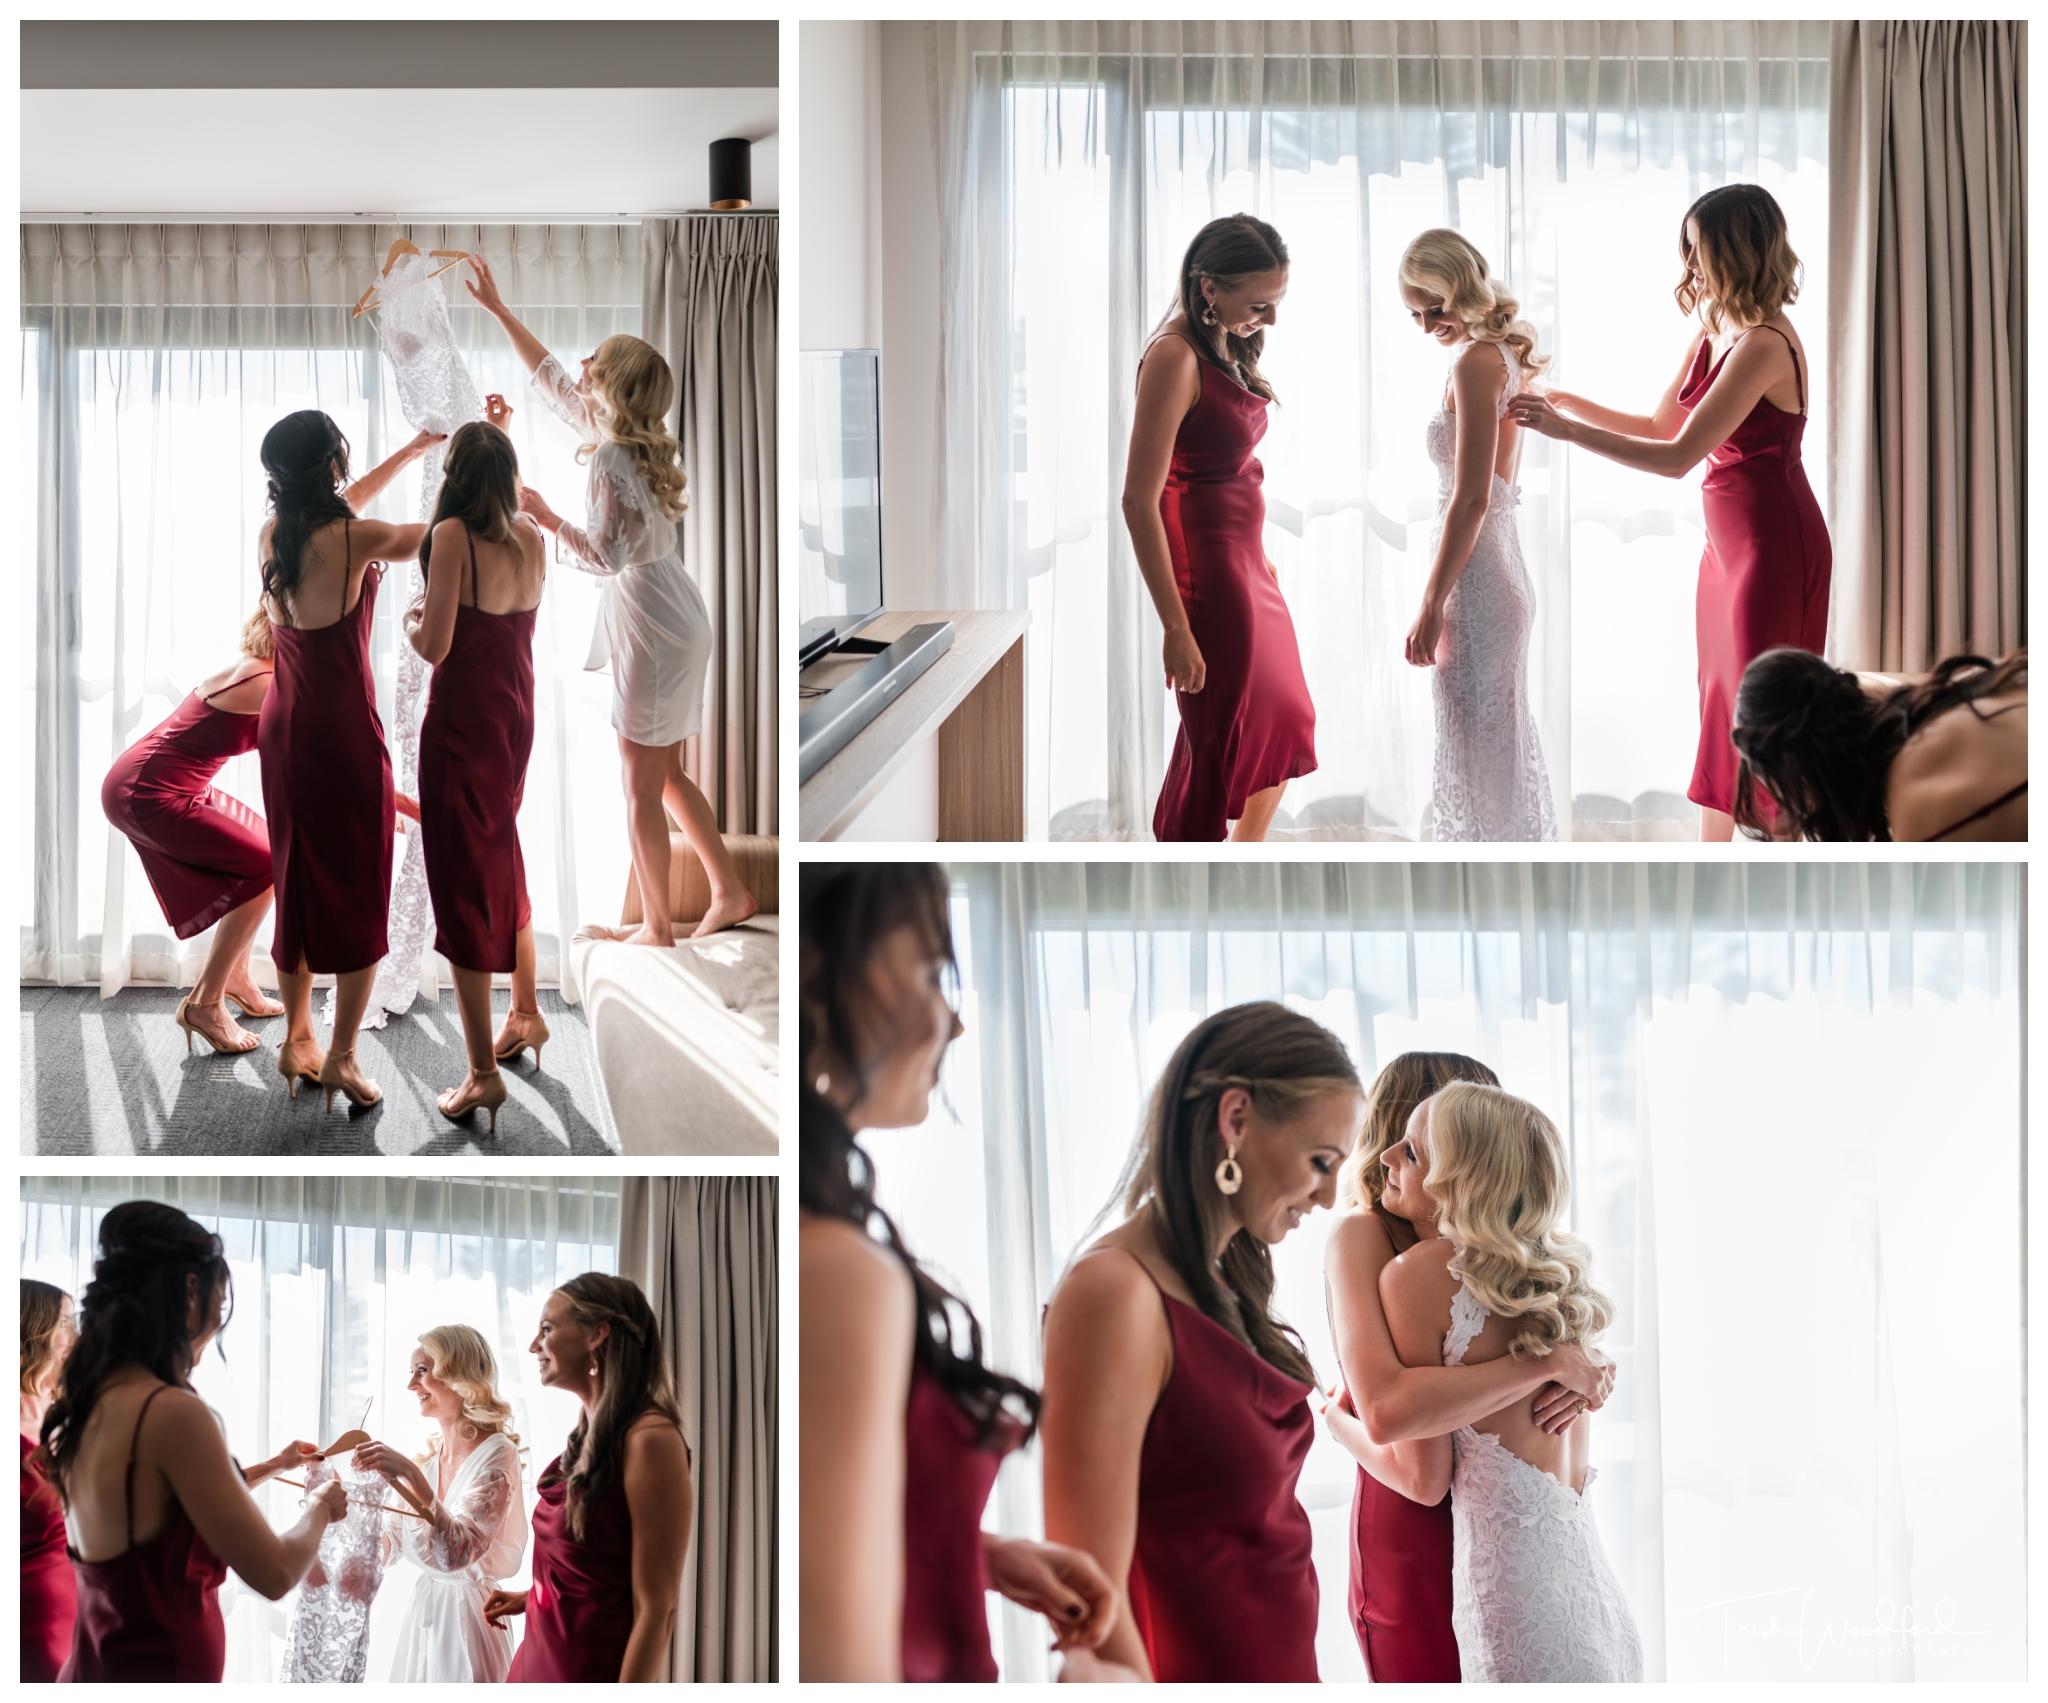 fremantle-bride-bridesmaids